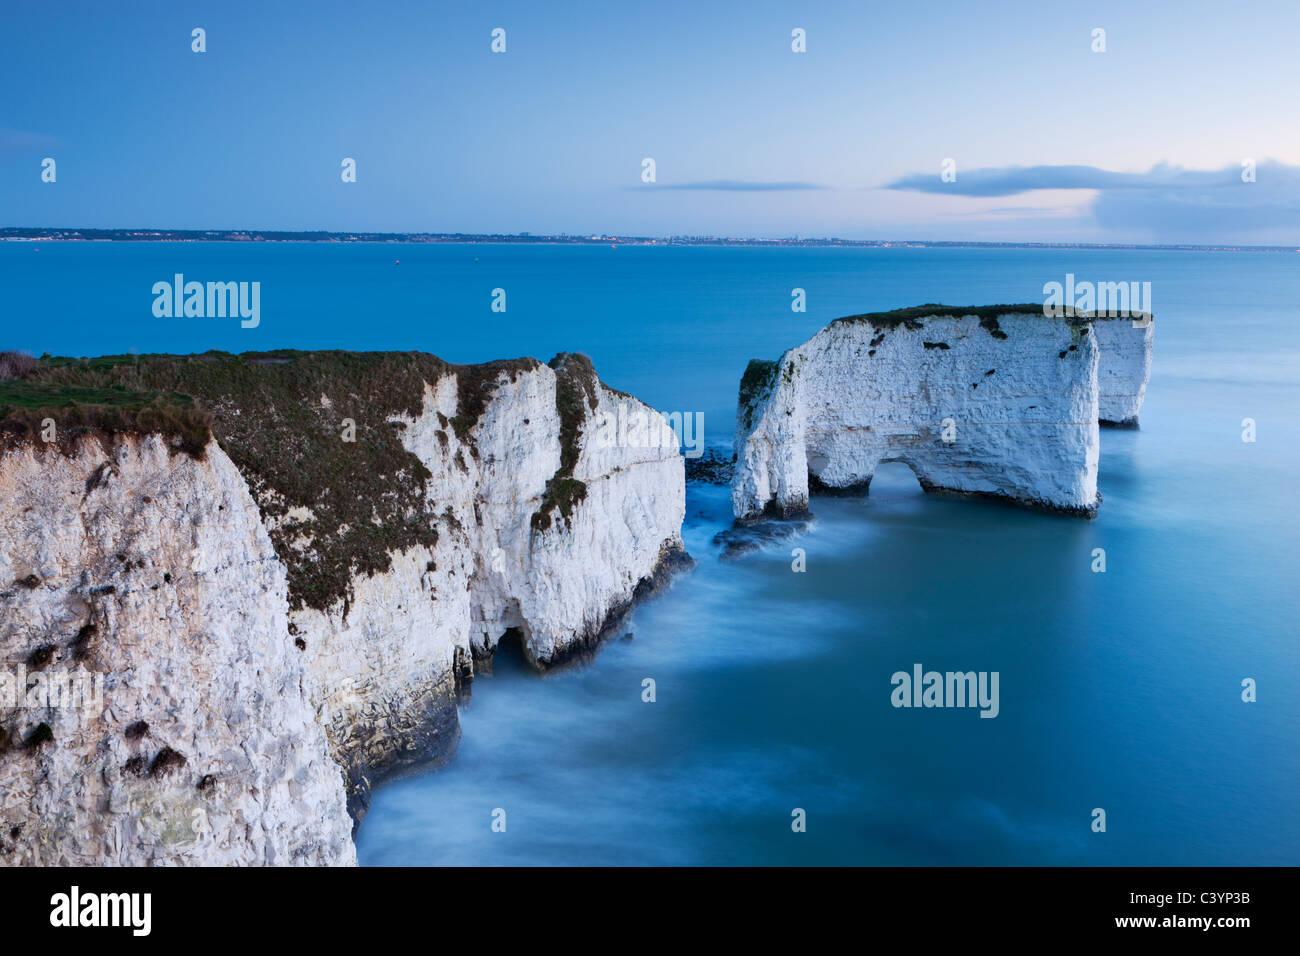 Old Harry Rocks Handfast Zeitpunkt sind der Beginn der Jurassic Coast World Heritage Site, Dorset, England. Stockbild